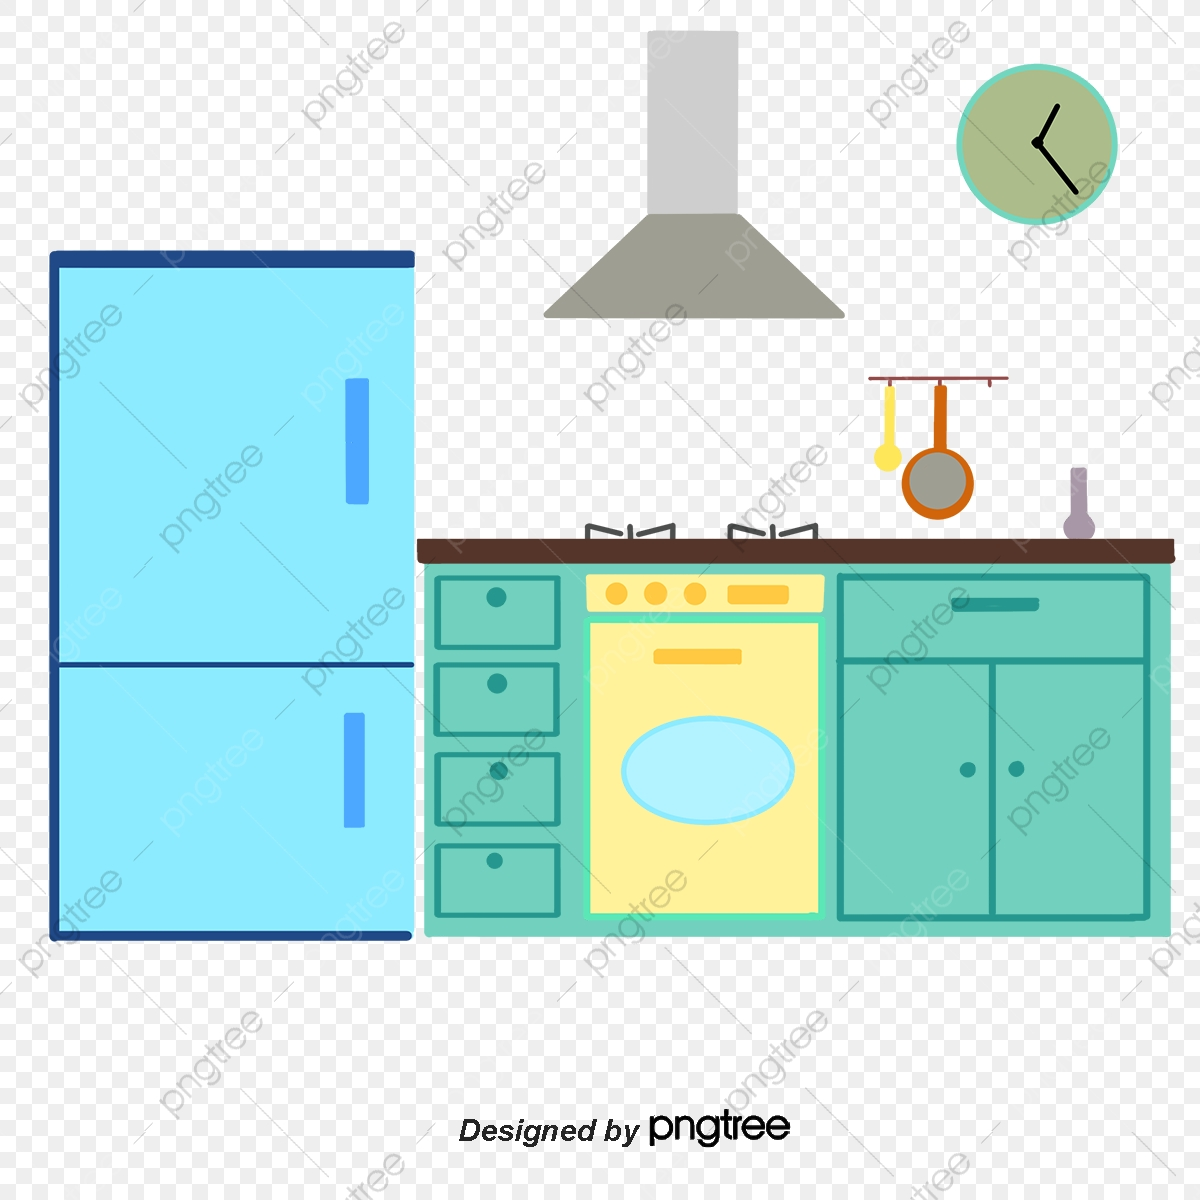 Gambar Kartun Dapur Rata Dapur Kartun Png Dan Psd Untuk Muat Turun Percuma